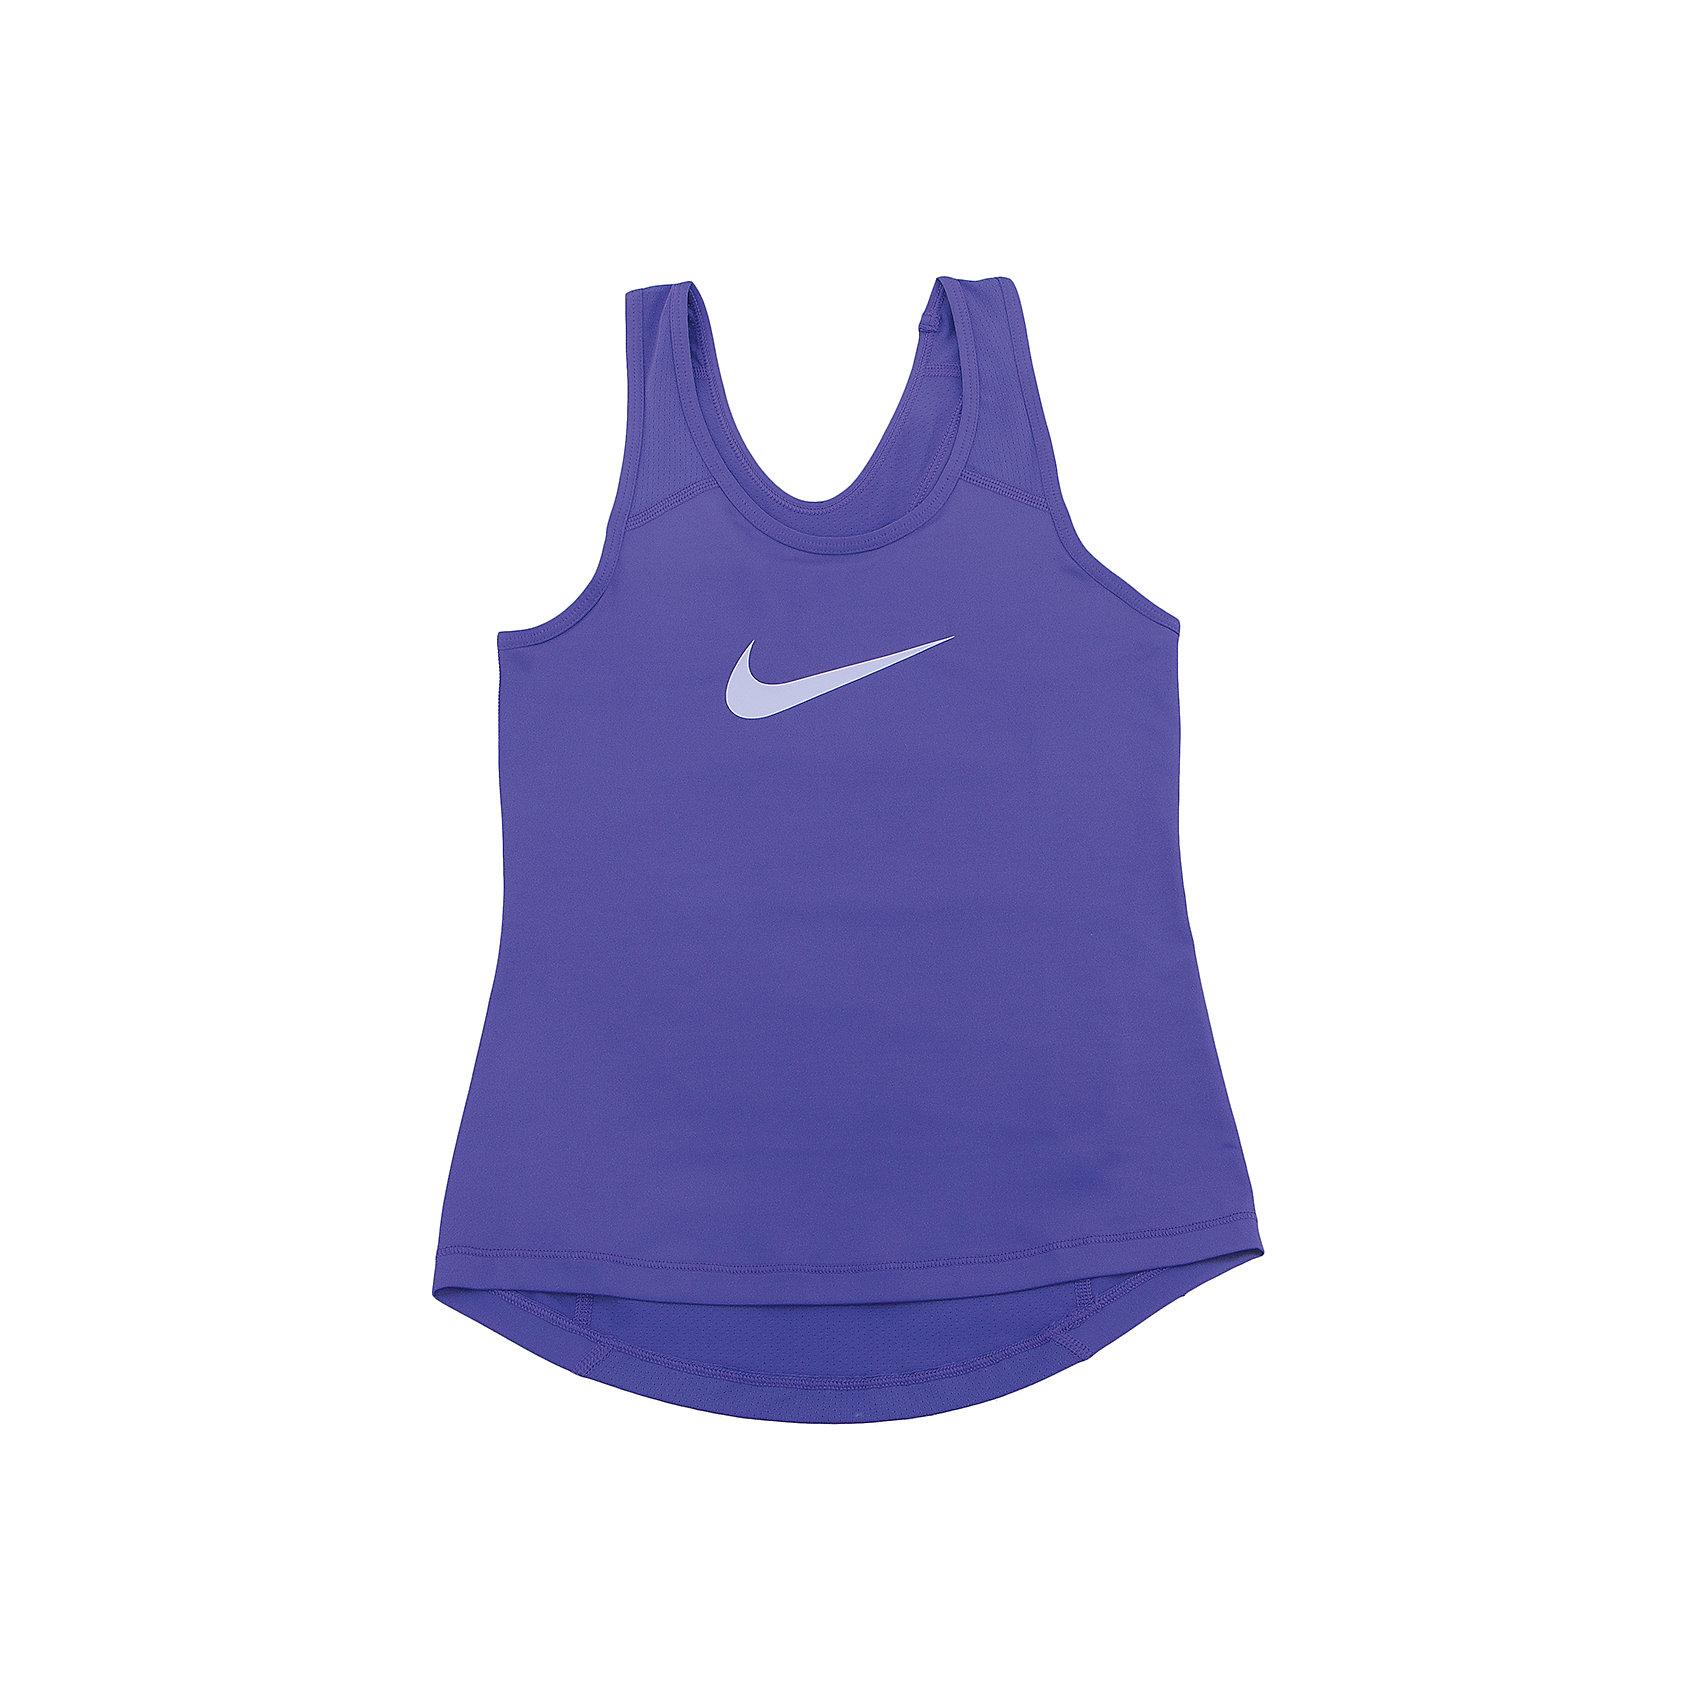 Майка NIKEСпортивная форма<br>Характеристики товара:<br><br>• цвет: фиолетовый<br>• спортивный стиль<br>• состав: 90% полиэстер, 10% спандекс, материал Dri-FIT<br>• ткань выводит лишнюю влагу<br>• комфортная посадка<br>• ткань оказывает поддержку мышцам и стимулирует кровообращение<br>• мягкие швы не натирают<br>• не сковывает движения<br>• без рукавов<br>• принт<br>• машинная стирка<br>• износостойкий материал<br>• коллекция: весна-лето 2017<br>• страна бренда: США<br>• страна изготовитель: Шри-Ланка<br><br>Продукция бренда NIKE известна высоким качеством и уникальным узнаваемым дизайном. Материал Dri-FIT, из которого сшито изделие, помогает создать для тела необходимую вентиляцию и вывод влаги.<br><br>Материал Dri-FIT также обеспечивает вещам долгий срок службы и отличный внешний вид даже после значительного количества стирок. Уход за изделием прост - достаточно машинной стирки на низкой температуре.<br><br>Легкий и эластичный материал создает комфортную посадку, вещь при этом смотрится очень стильно. Благодаря универсальному цвету она отлично смотрится с разной одеждой и обувью.<br><br>Майку NIKE (Найк) можно купить в нашем интернет-магазине.<br><br>Ширина мм: 199<br>Глубина мм: 10<br>Высота мм: 161<br>Вес г: 151<br>Цвет: лиловый<br>Возраст от месяцев: 132<br>Возраст до месяцев: 144<br>Пол: Унисекс<br>Возраст: Детский<br>Размер: 147/158,122/128,128/134,135/140,158/170<br>SKU: 6676463